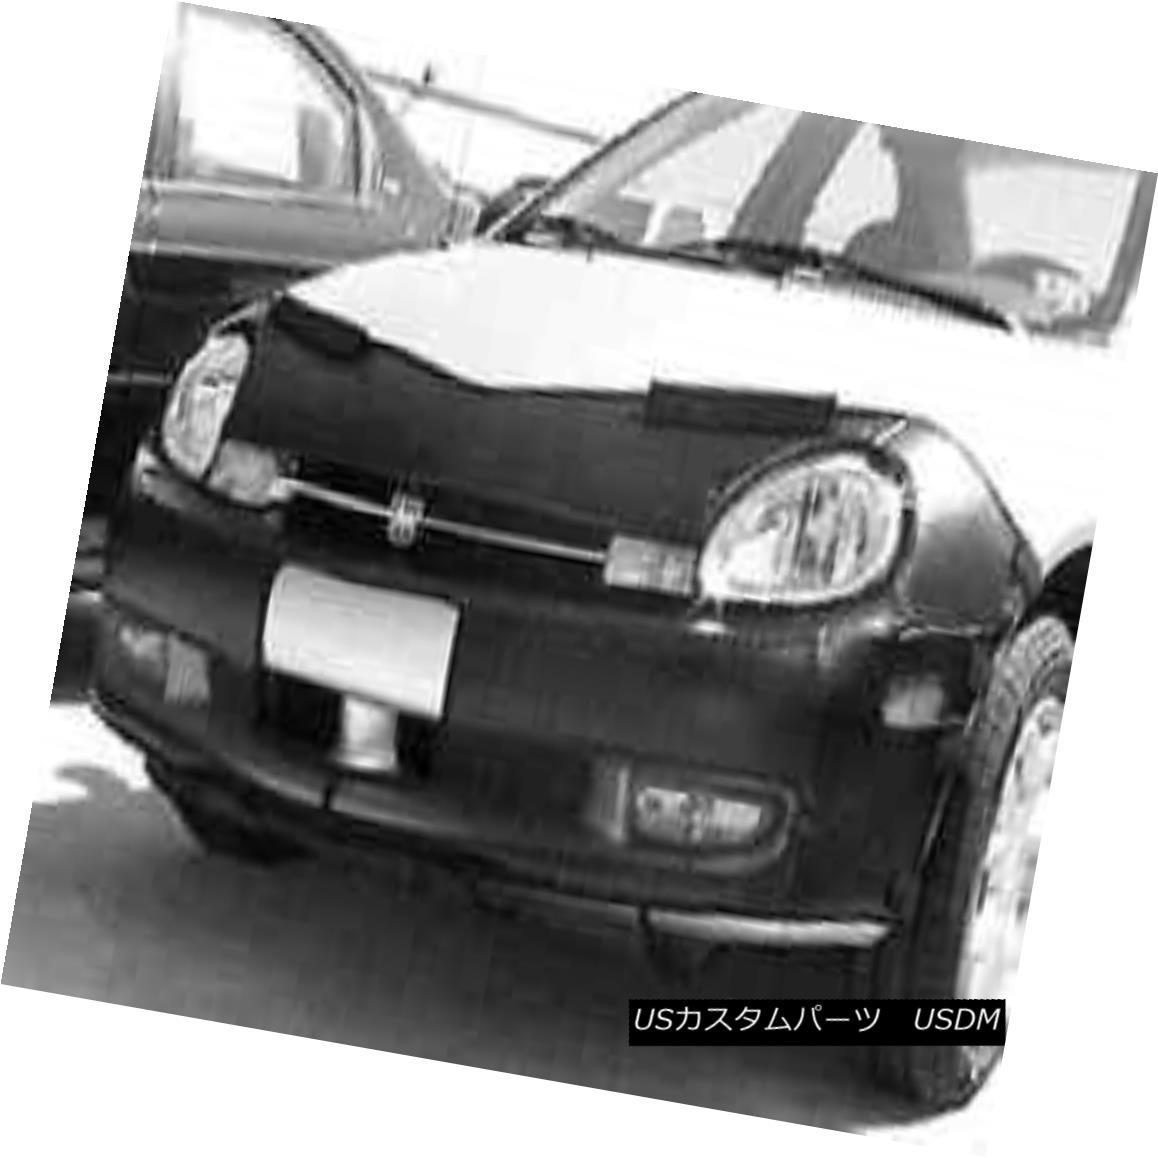 フルブラ ノーズブラ Front End Mask Bra Fits Dodge Neon with or without fog lights 2000-2001 フロントエンドマスクブラは、かぶり灯の有無に関わらず、ドッジネオンにフィットします。2000-2001